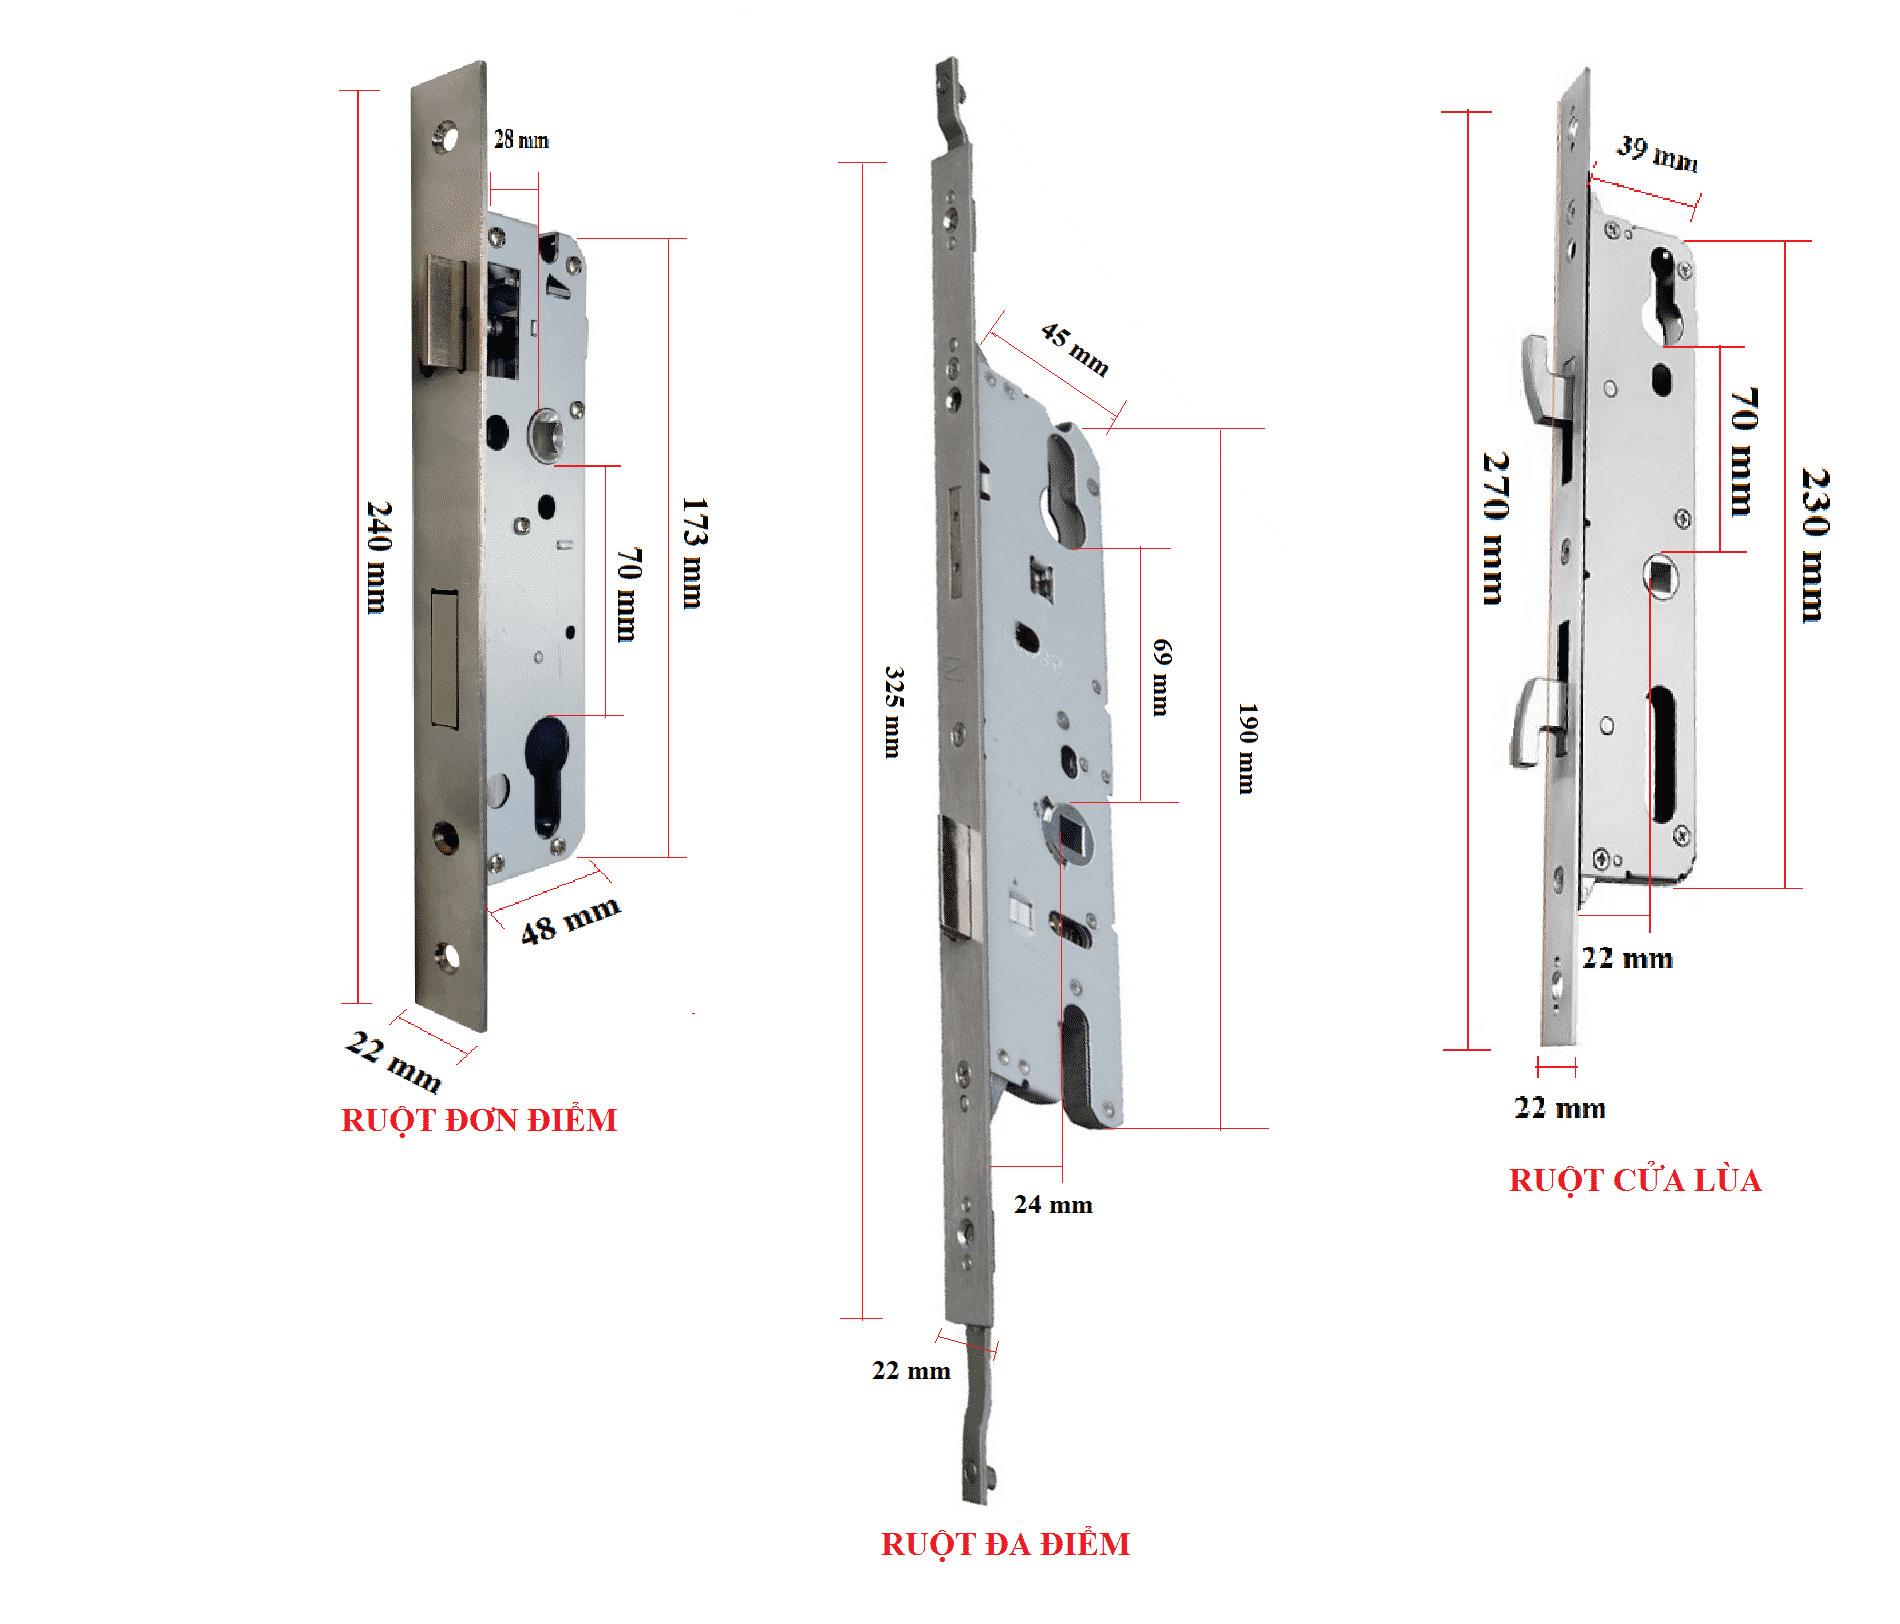 Thân khóa cho các loại cửa